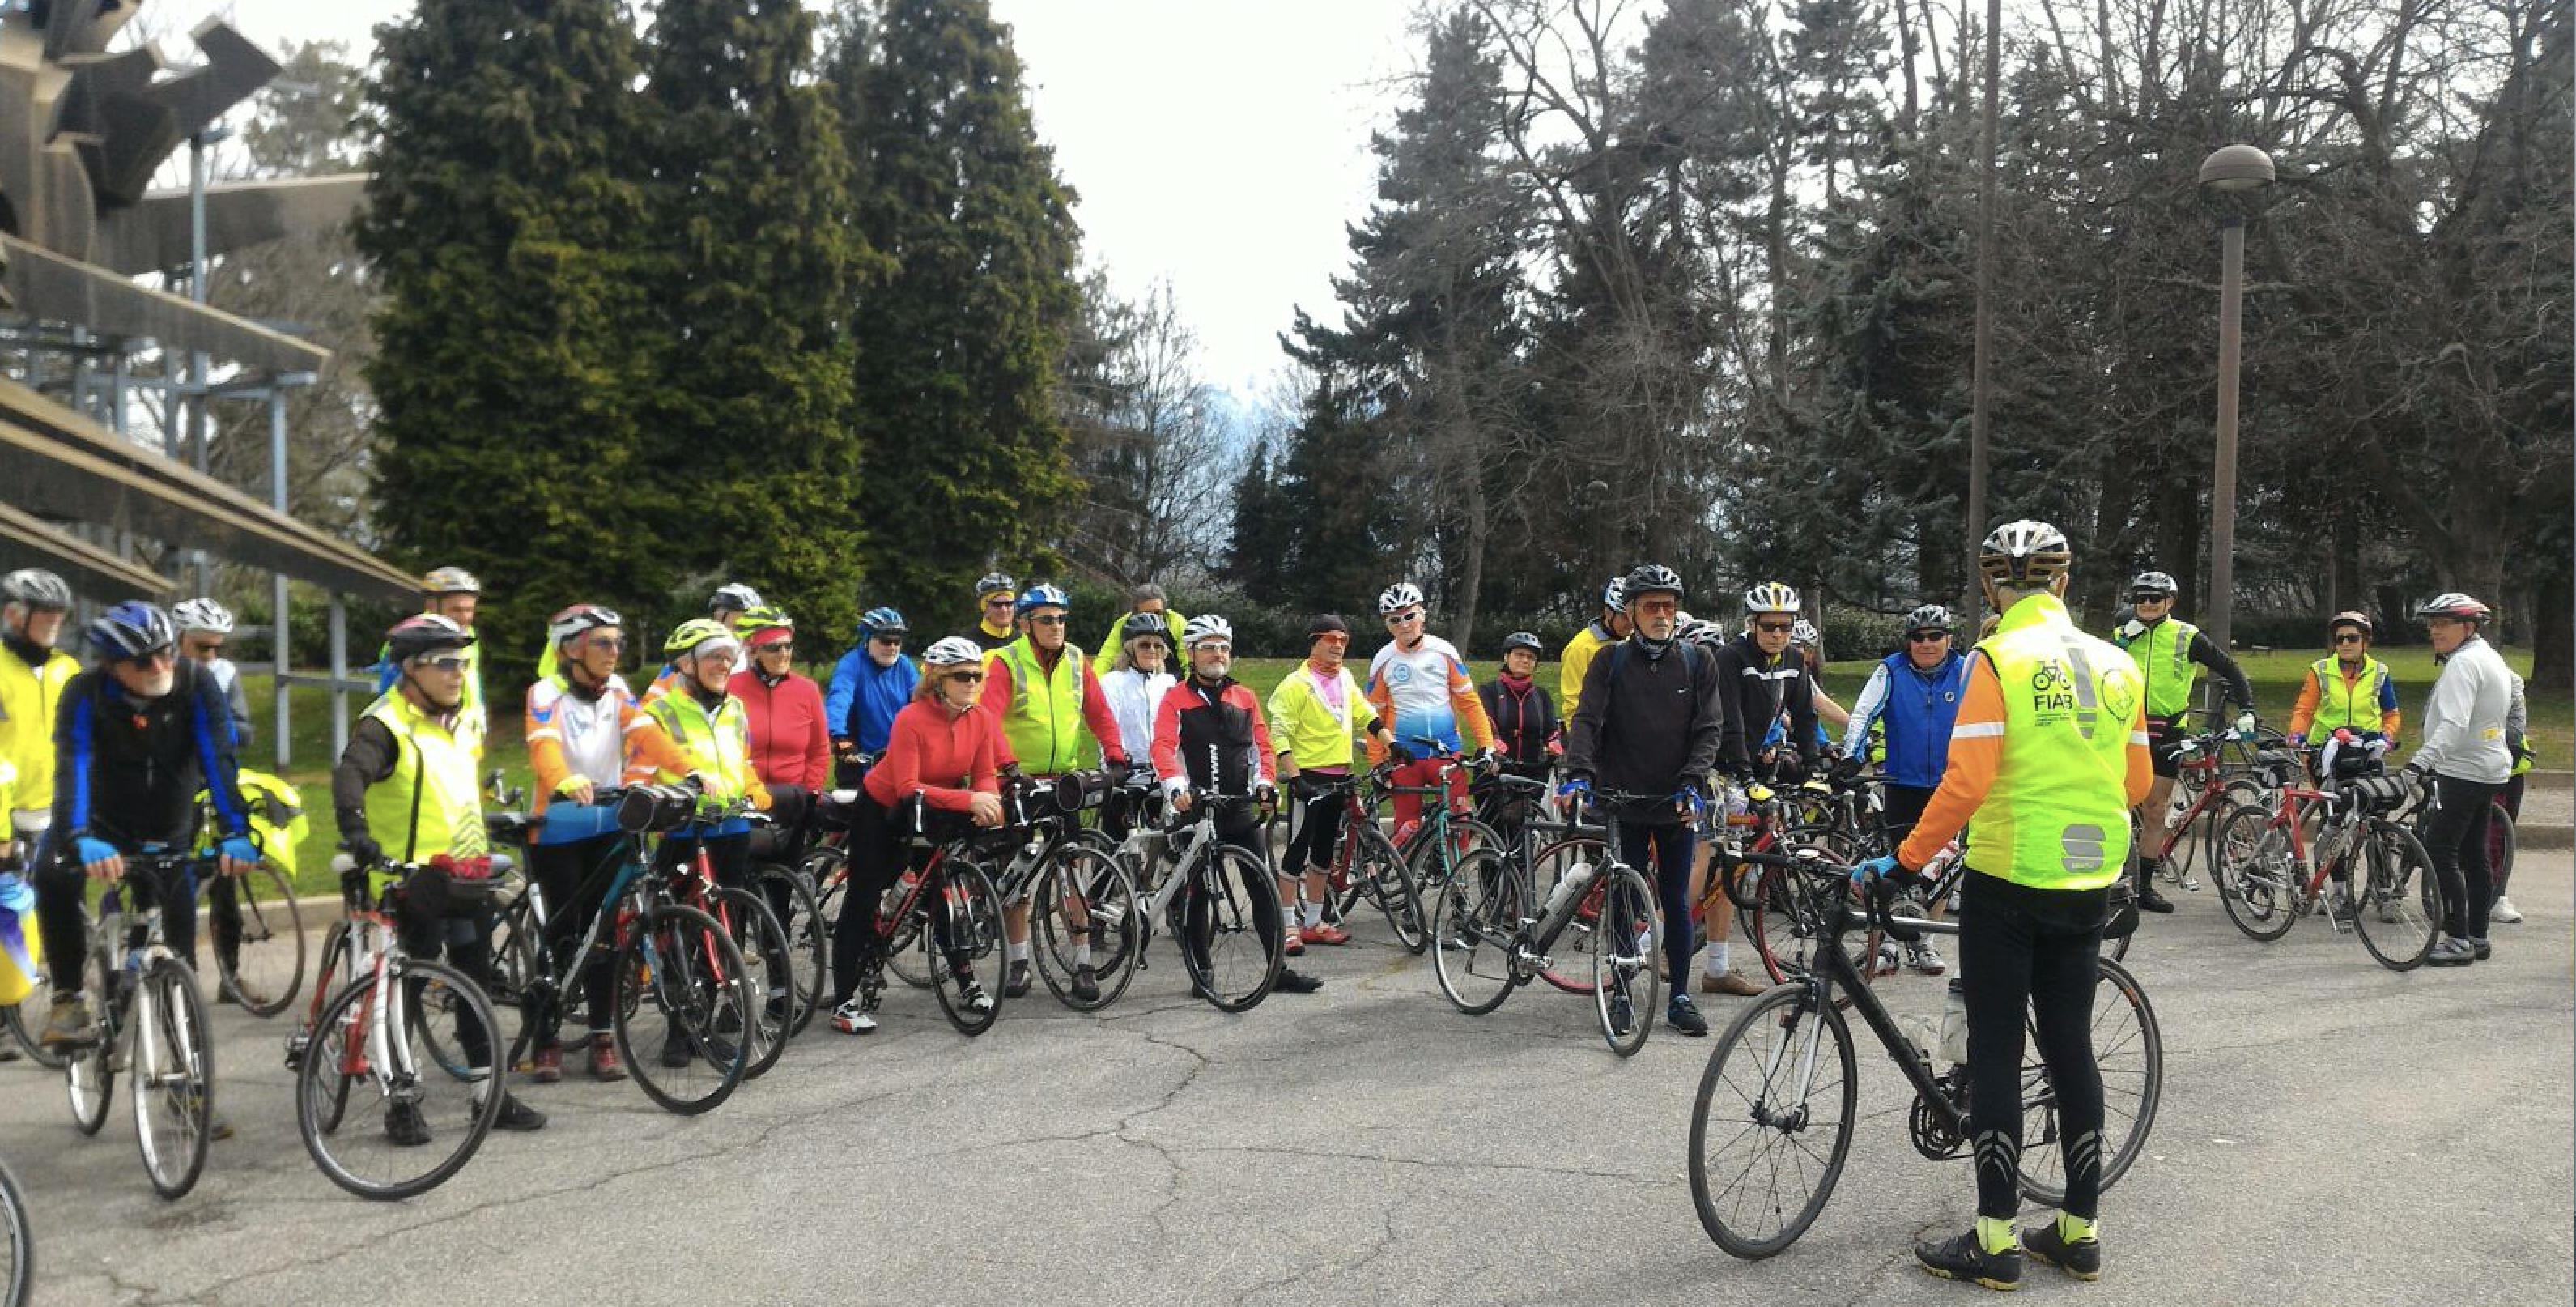 La Guida - In bici per dire no alla violenza sulle donne